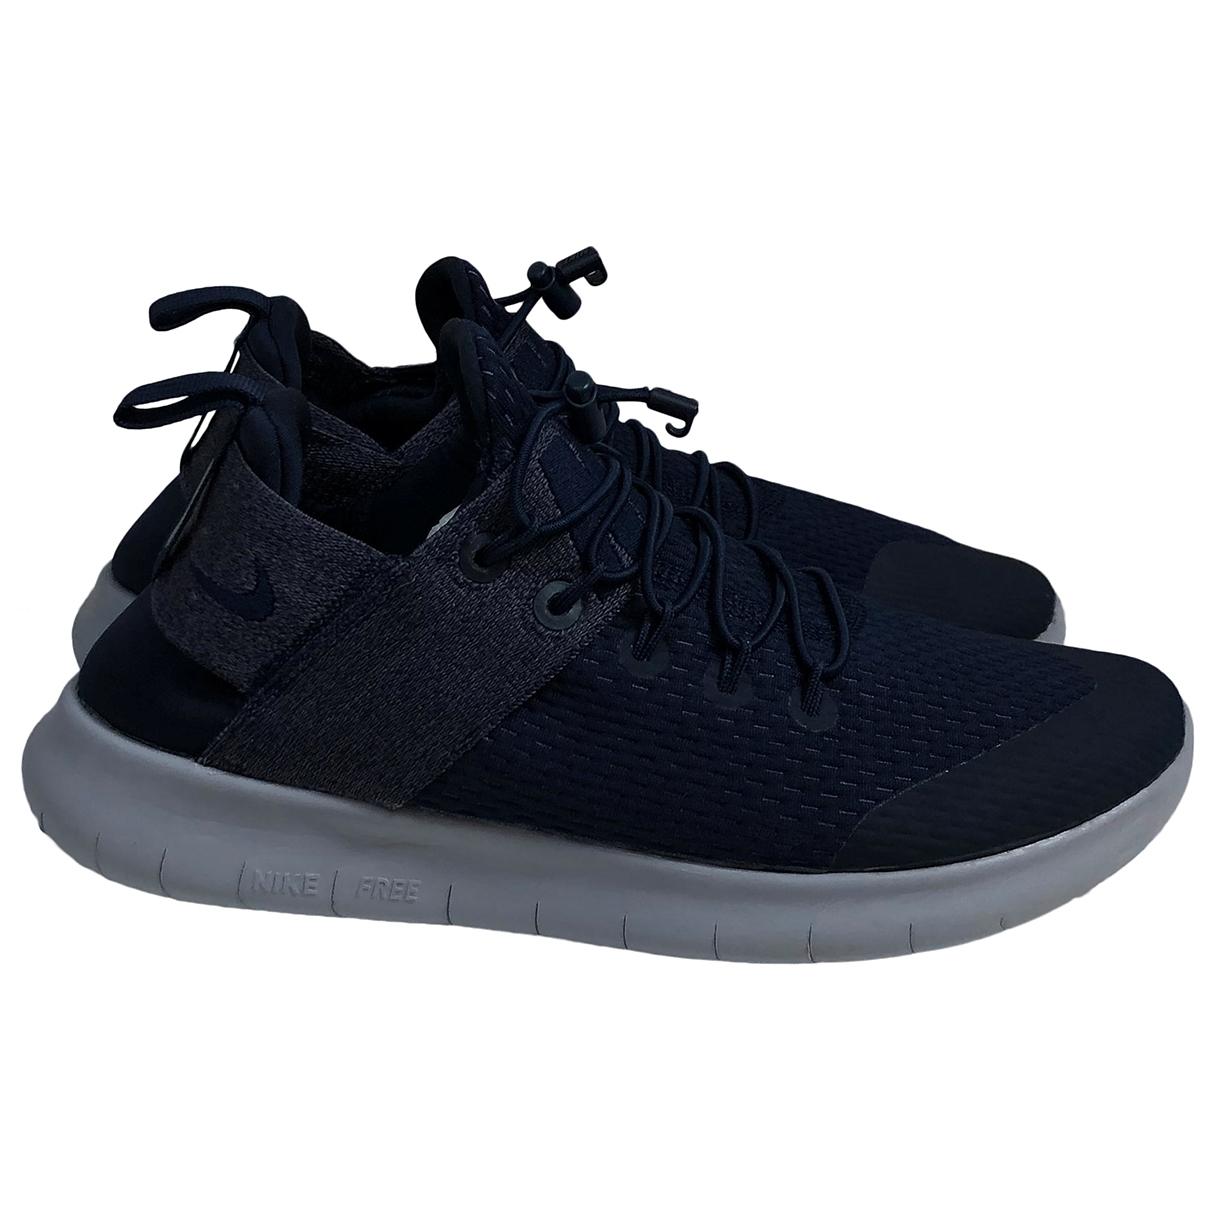 Nike Free Run Navy Cloth Trainers for Women 39 EU